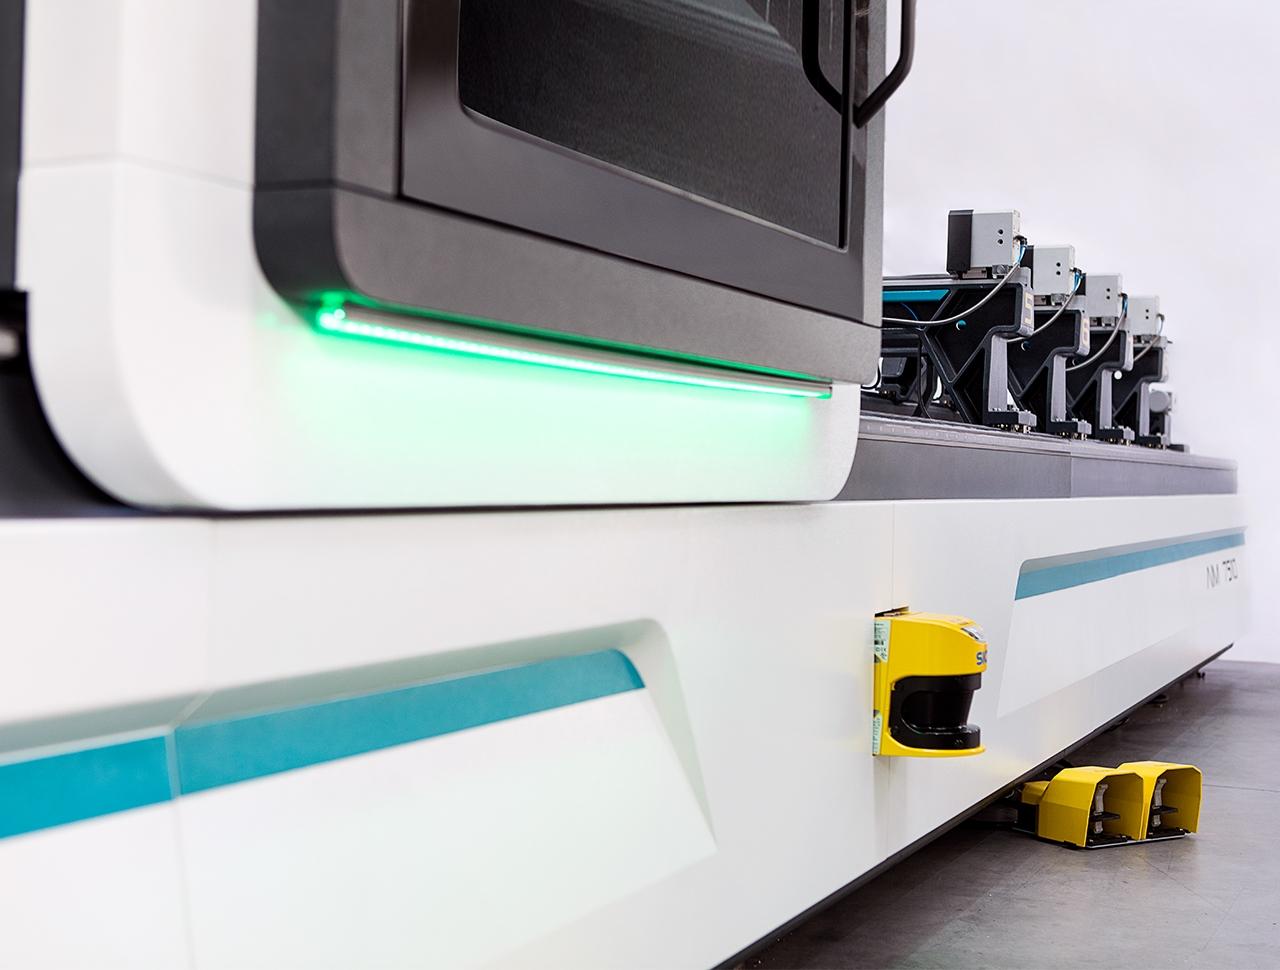 aim 7510 5 axes aluminium profile processing center cnc machine 3